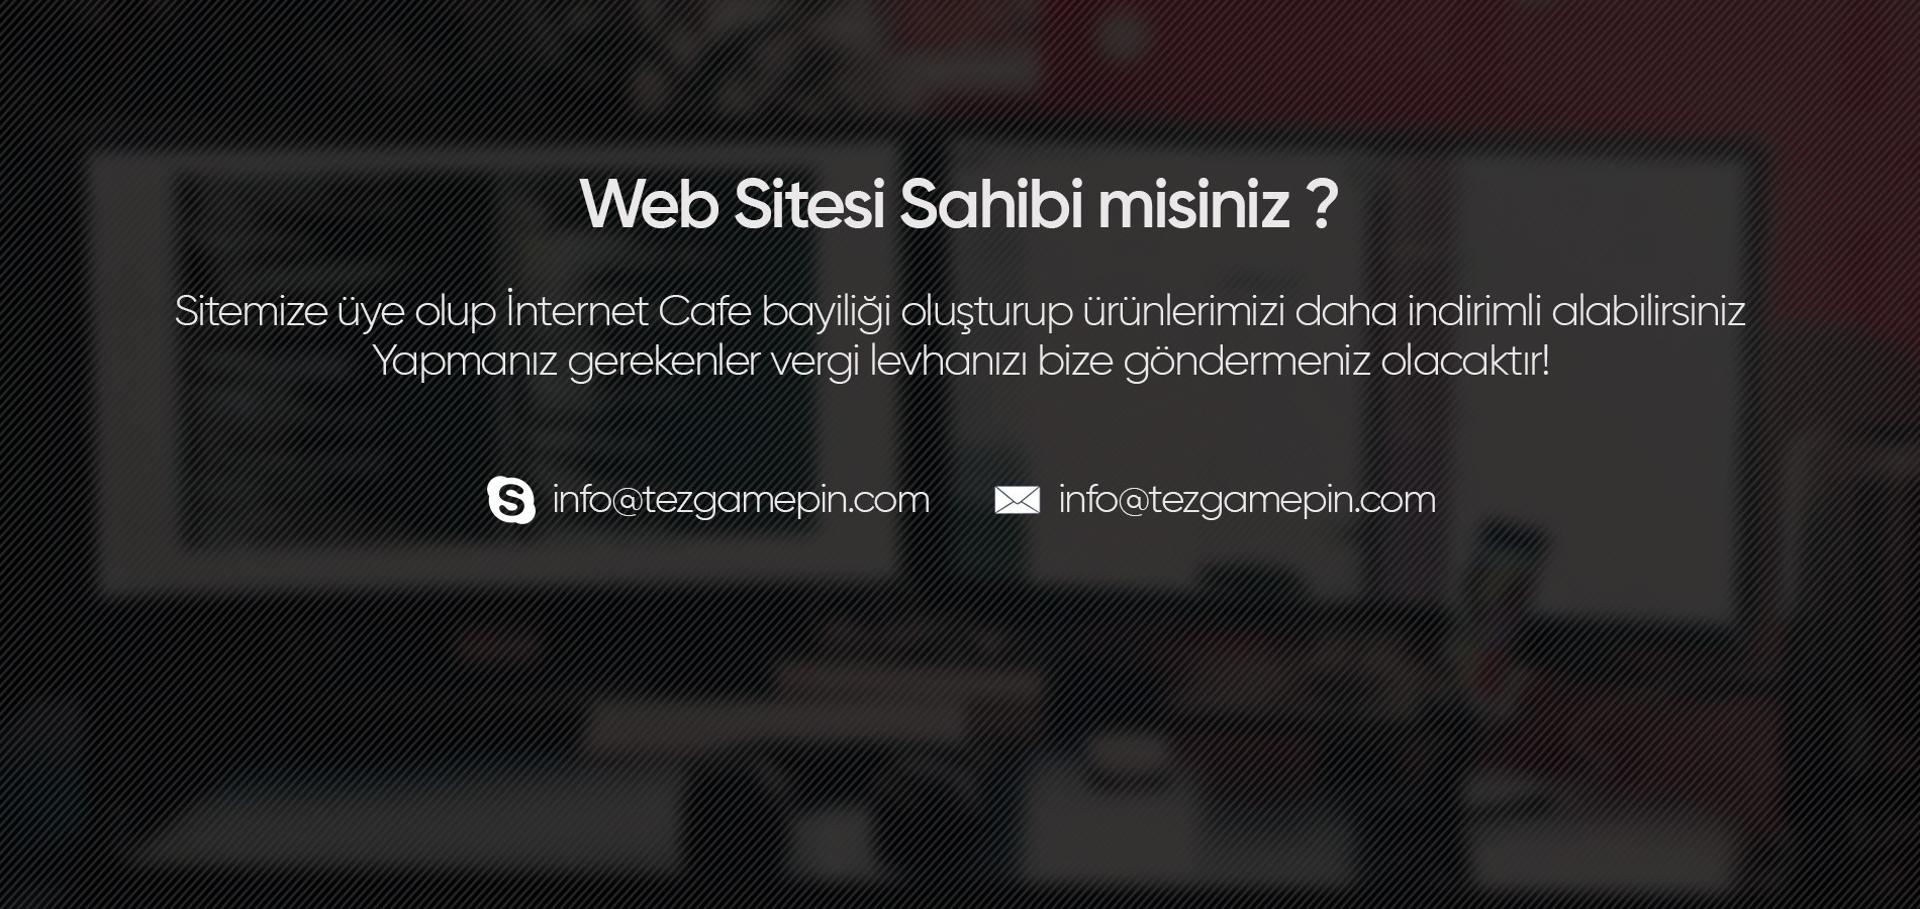 İnternet Sitesi sahibi misiniz?